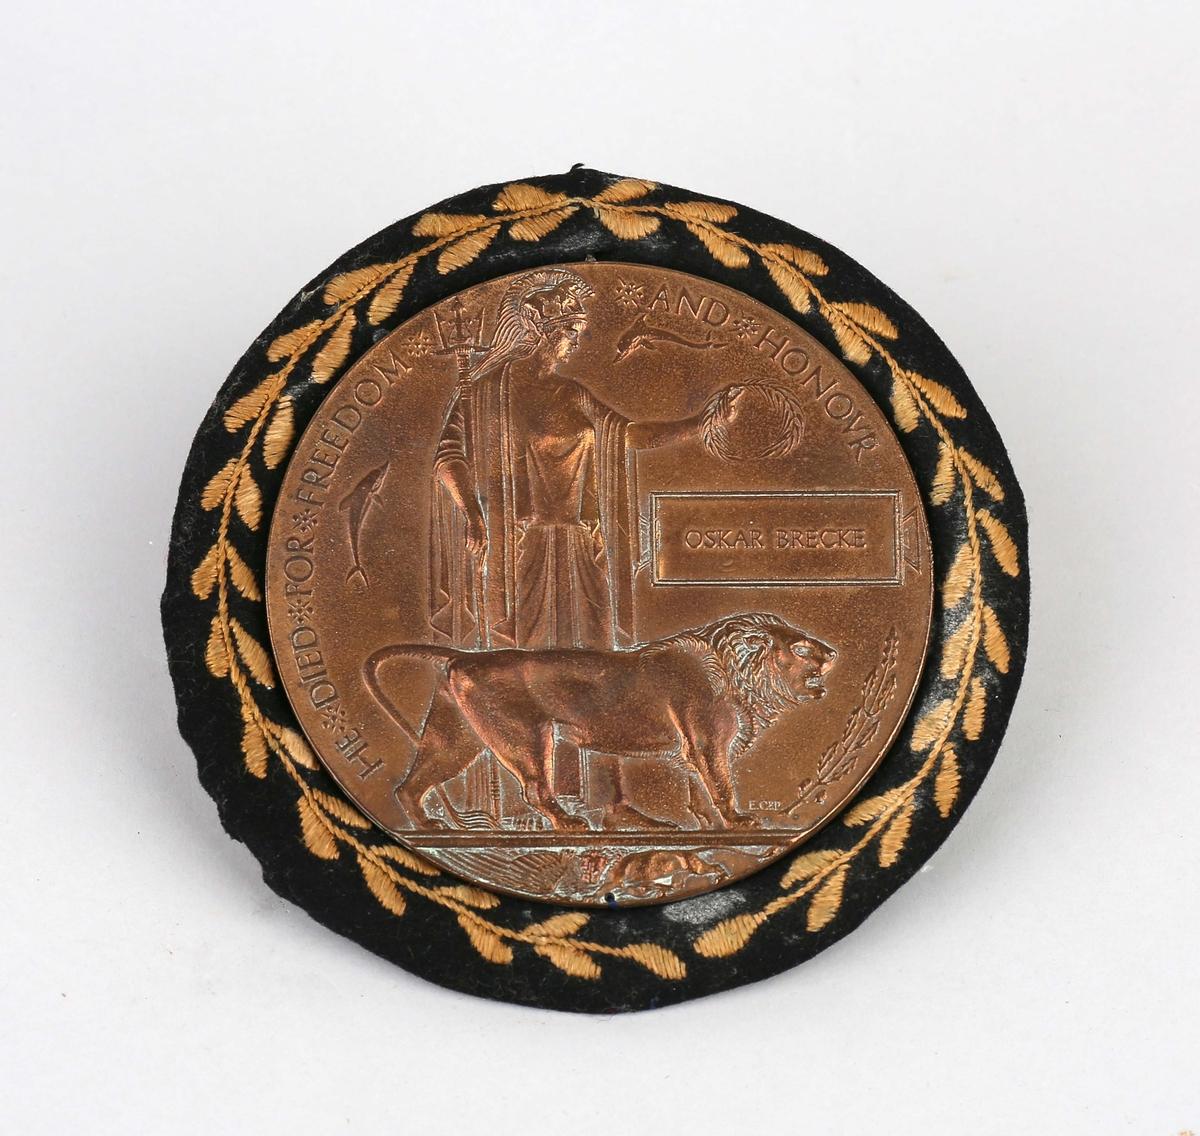 Plakett med motiv av romersk keiser og løve.